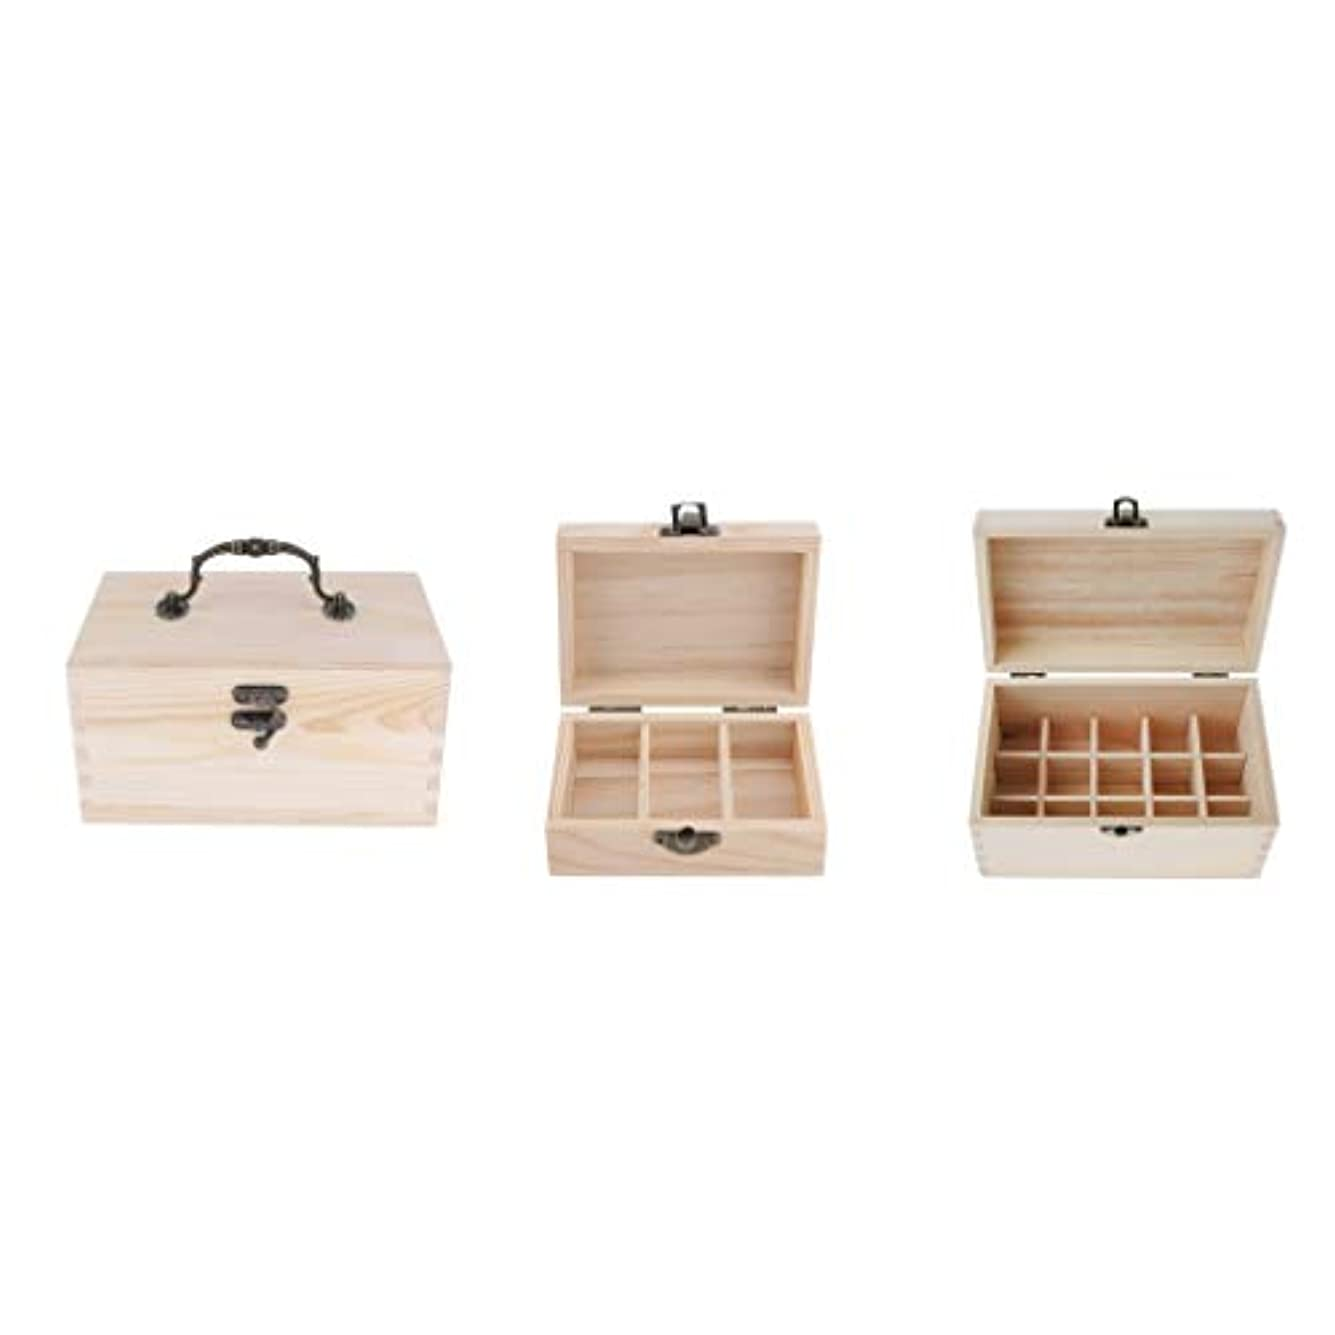 びっくりした険しいうるさいHellery 3個入 精油収納ケース 木製 エッセンシャルオイル 収納ボックス 香水収納ケース アロマオイル収納ボックス